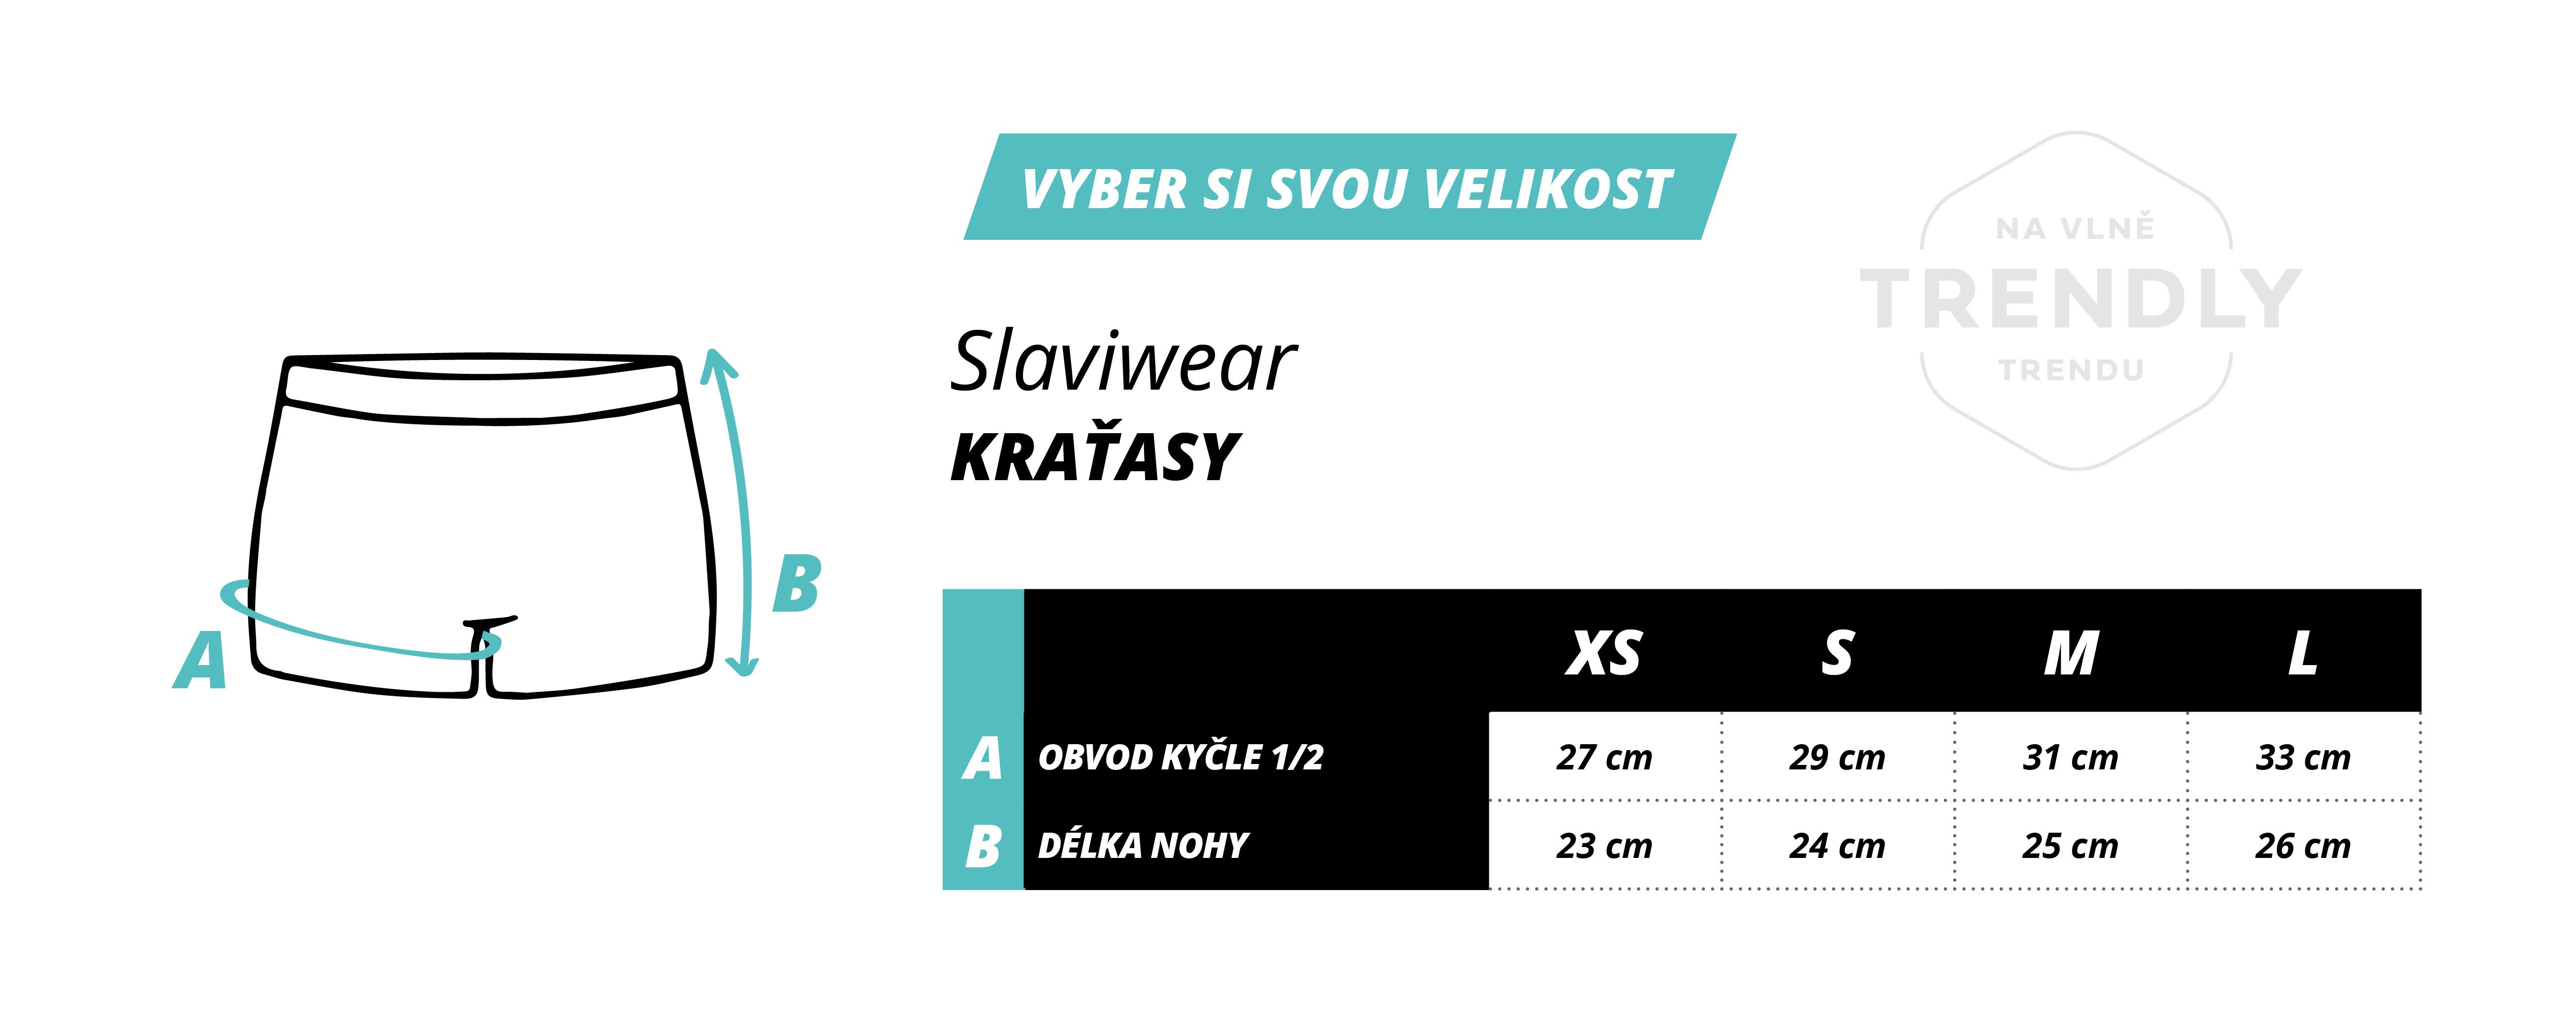 trendly_velikosti_kra_asy_slaviwear